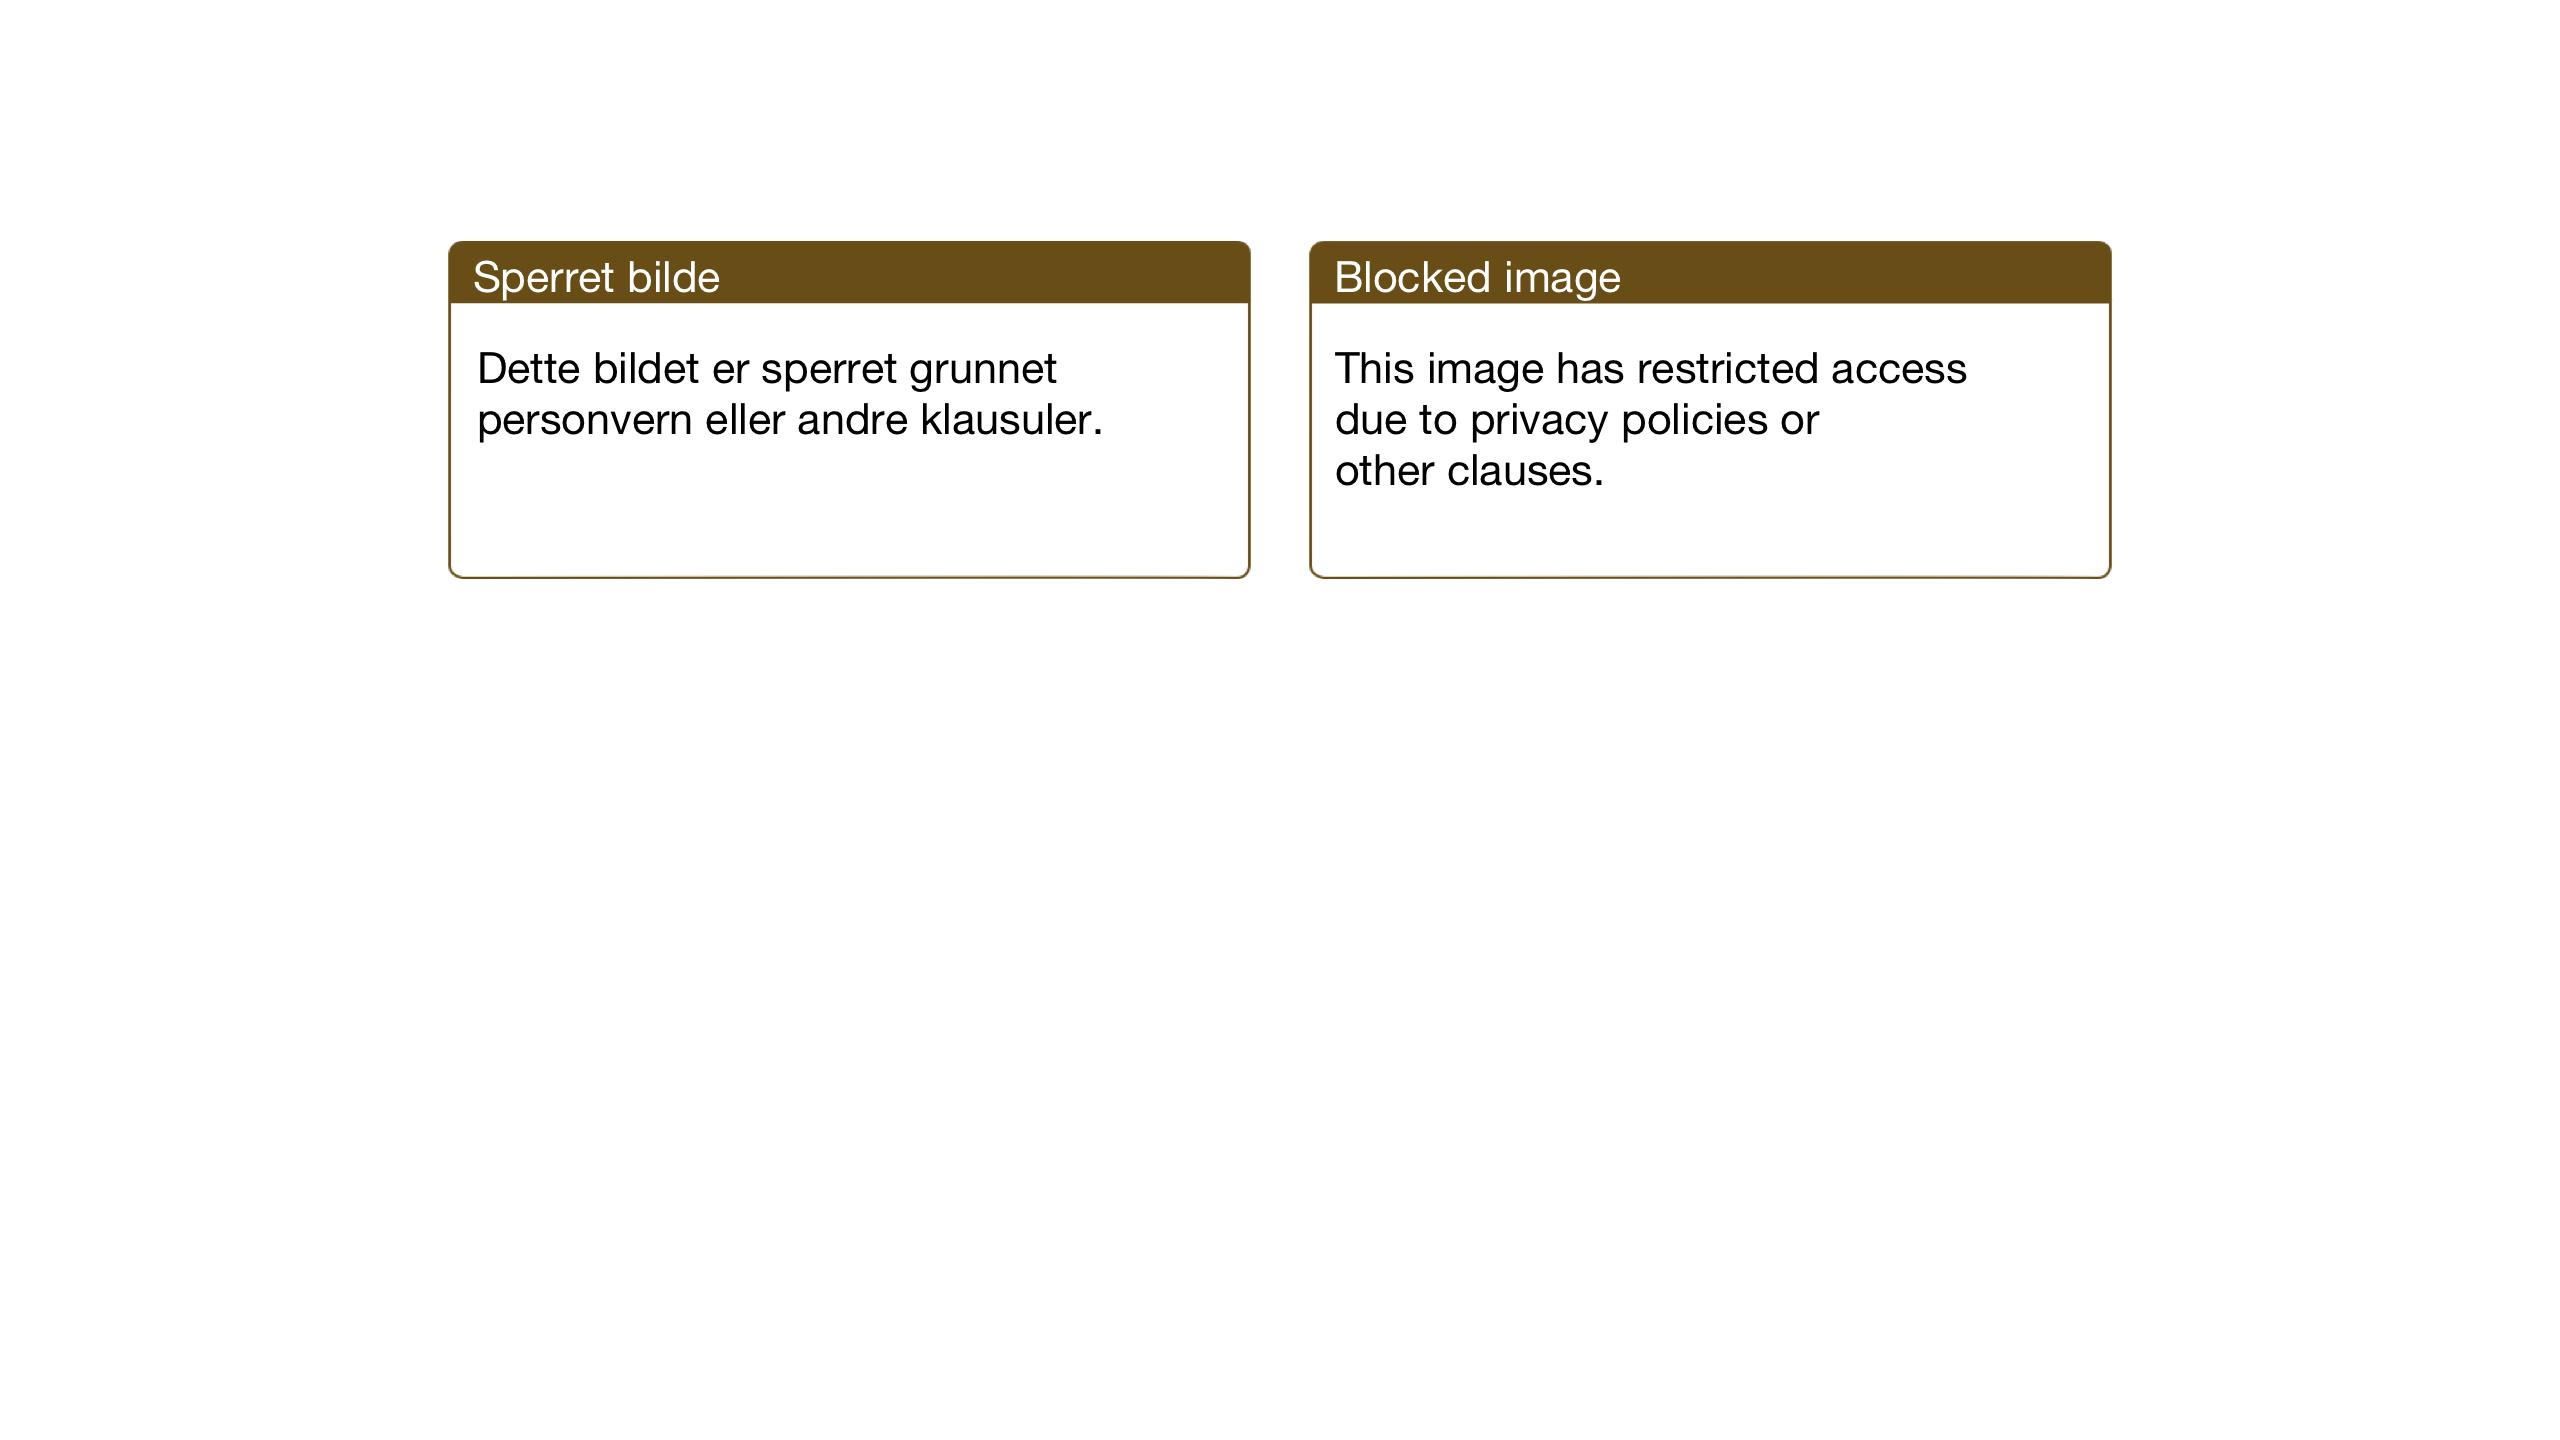 RA, Justisdepartementet, Sivilavdelingen (RA/S-6490), 2000, s. 429